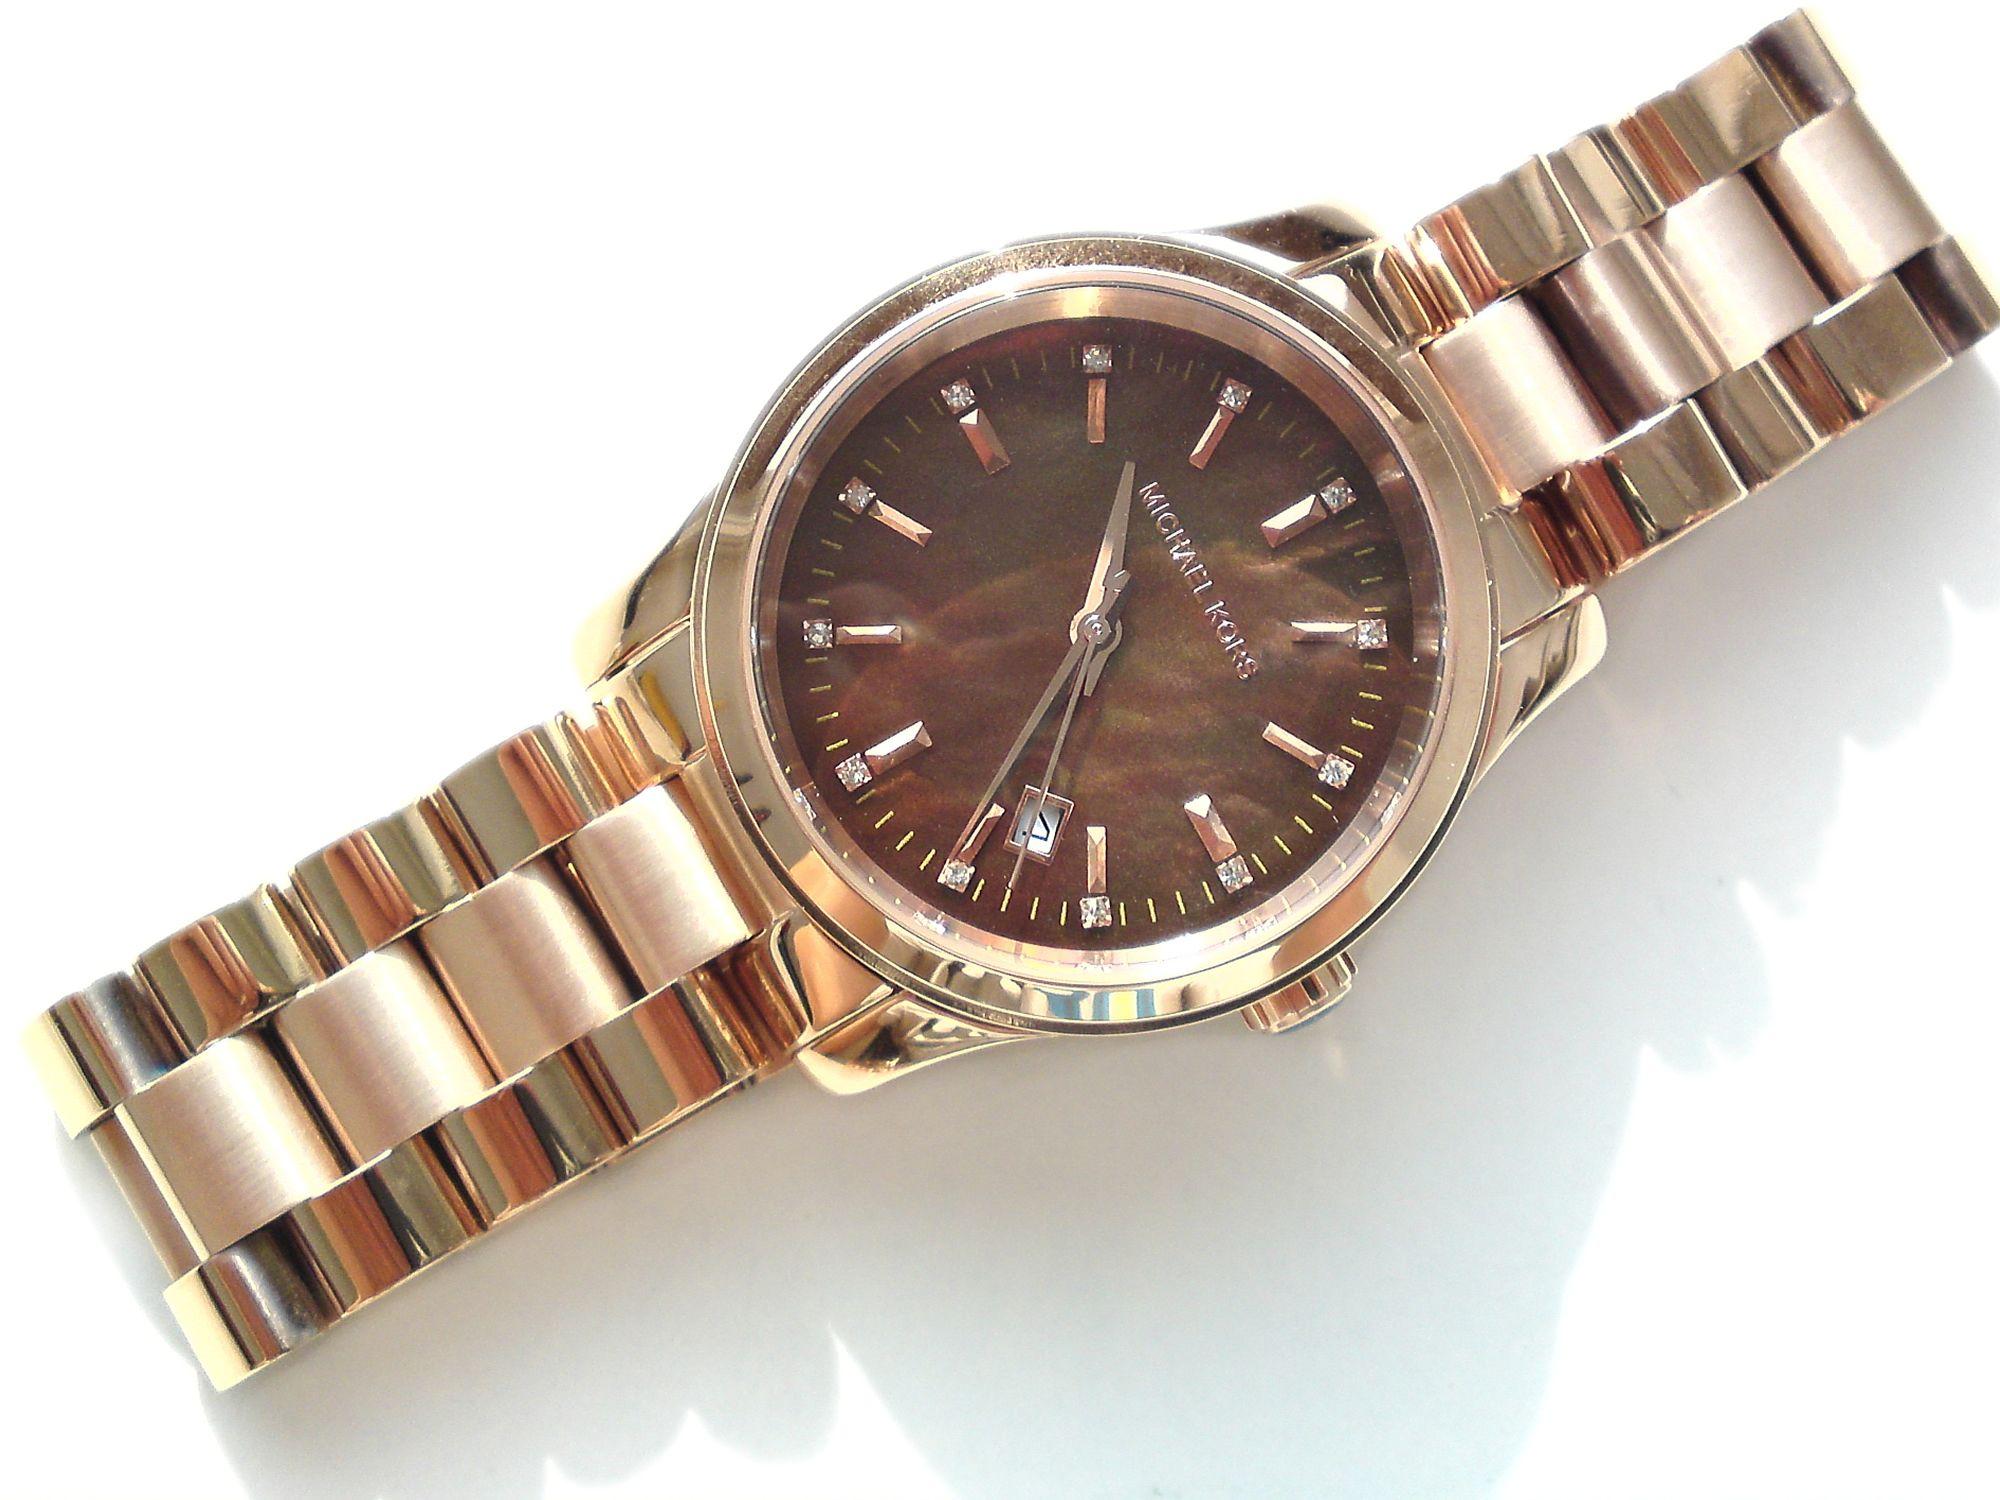 michael kors damen armband uhr chronograph rose vergoldet. Black Bedroom Furniture Sets. Home Design Ideas